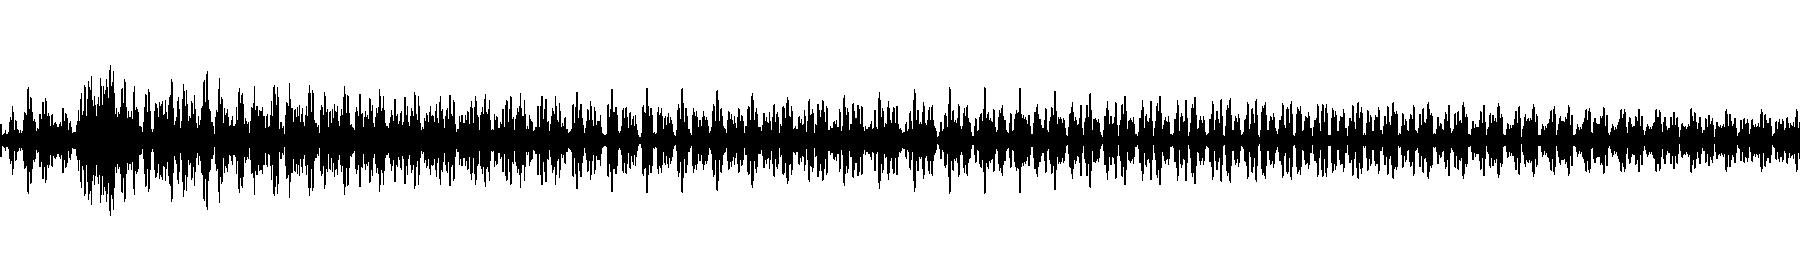 75 c gtrchord sp 01